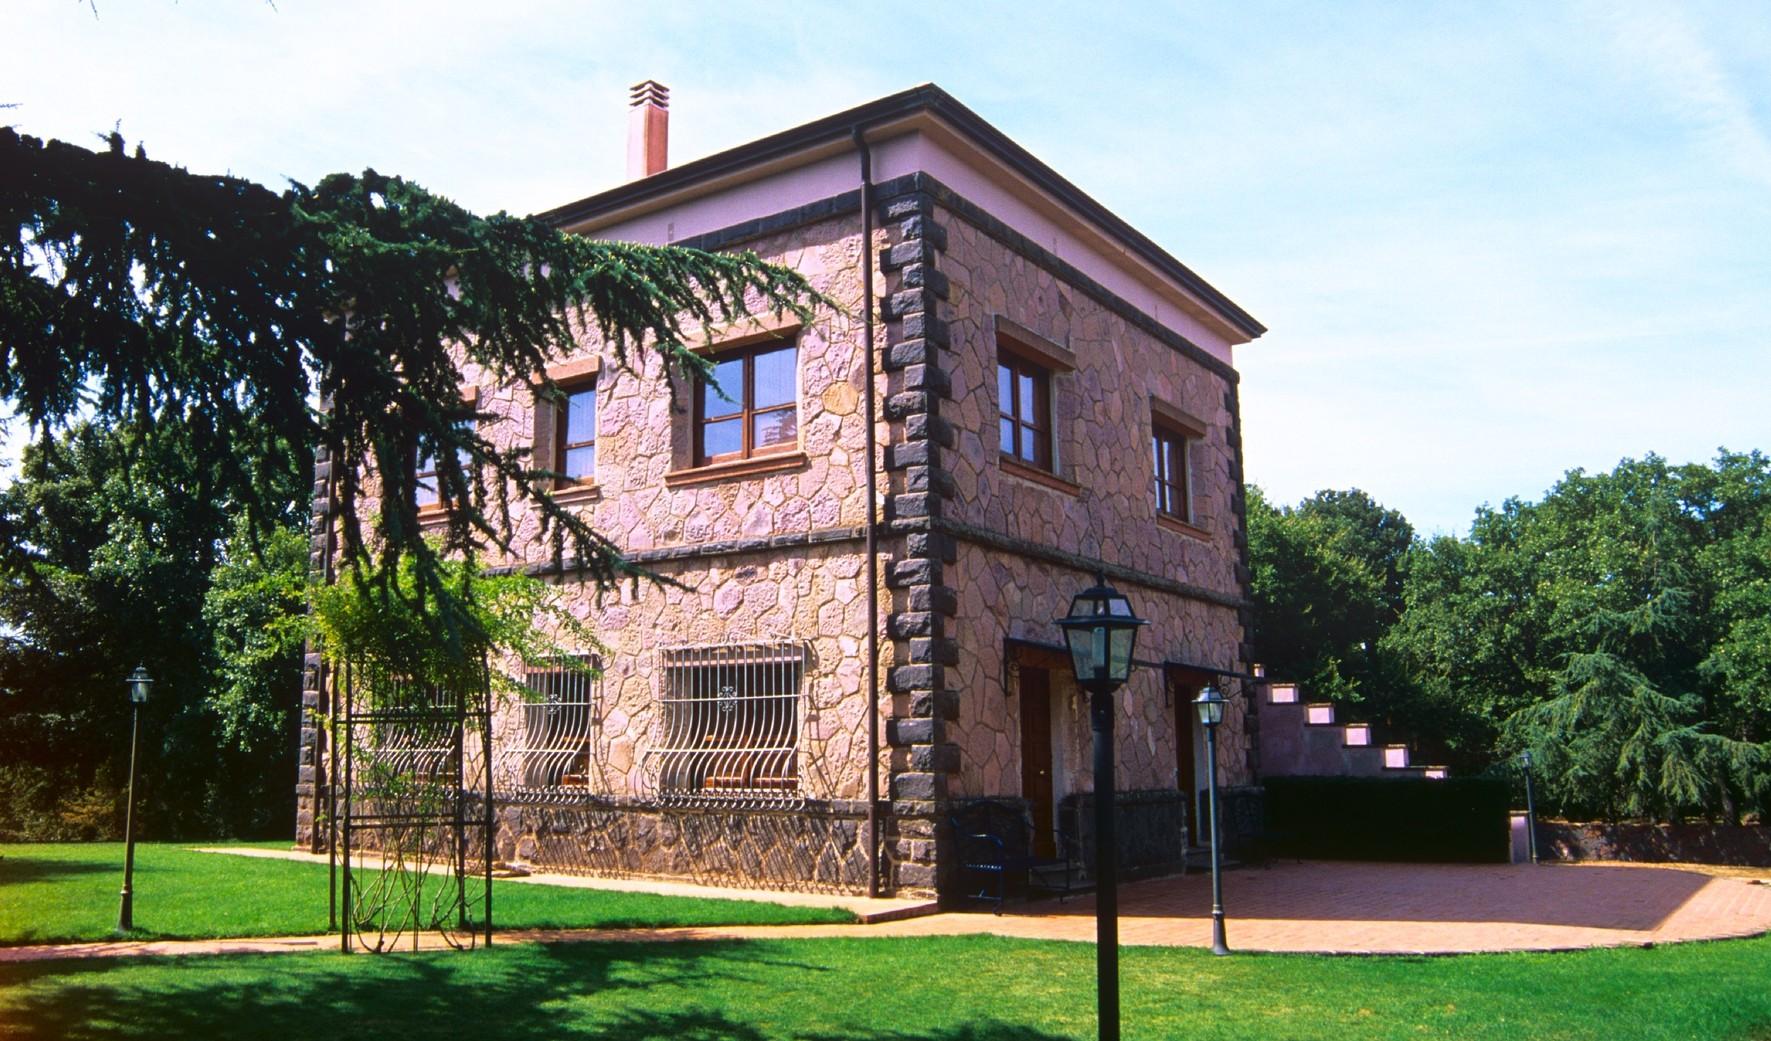 Edificio di Monte Burghesu, Pasquetta a Foresta Burgos lunedì 6 aprile 2015.